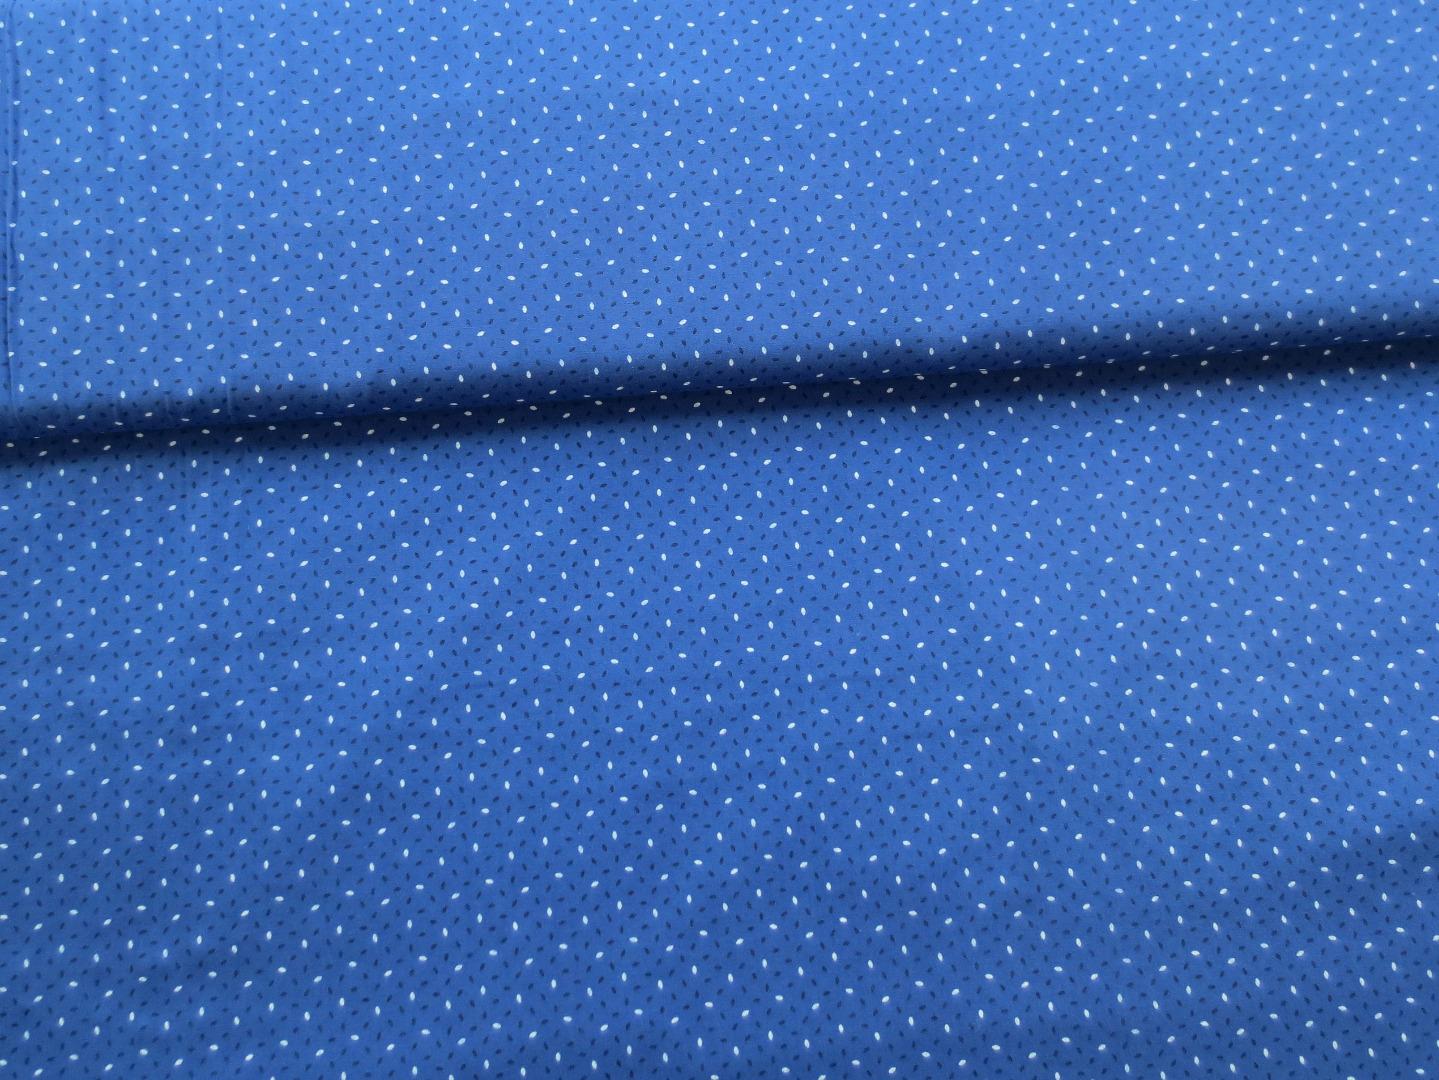 Baumwollstoff - blau - 100 Baumwolle